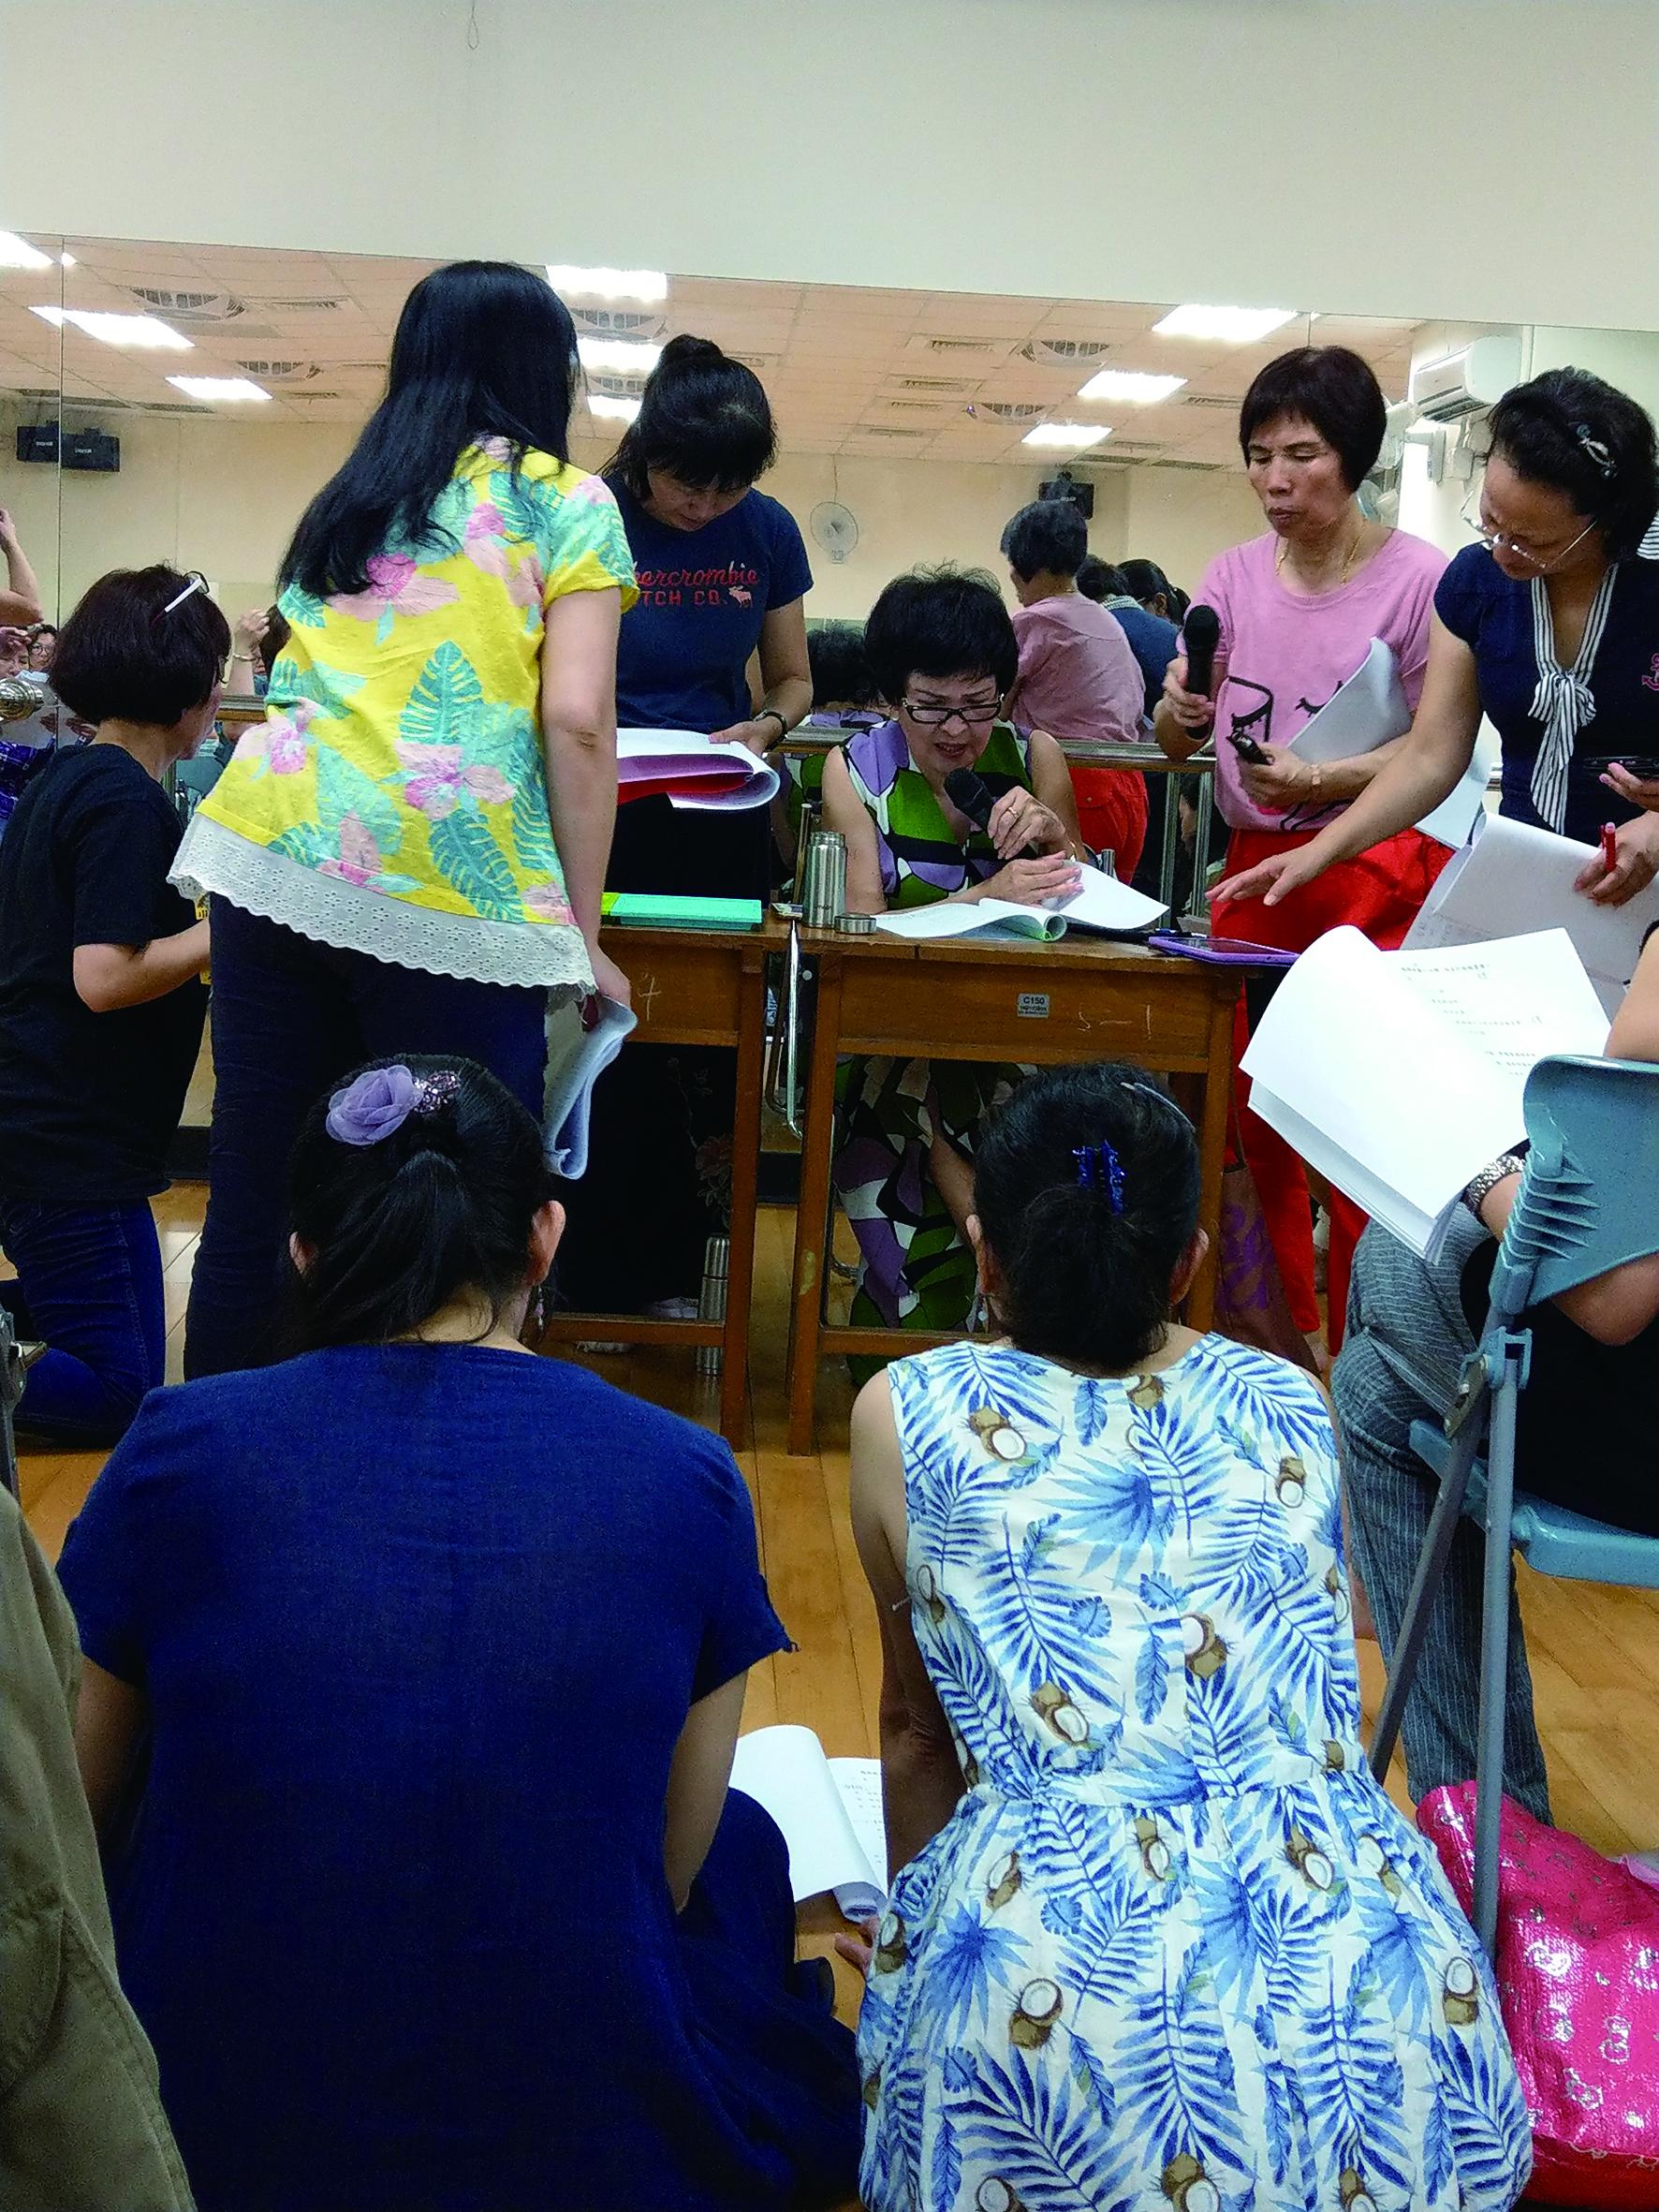 開在大龍國小的唱腔班成員多為熱愛歌仔戲的業餘愛好者,學員上課態度認真專注.jpg